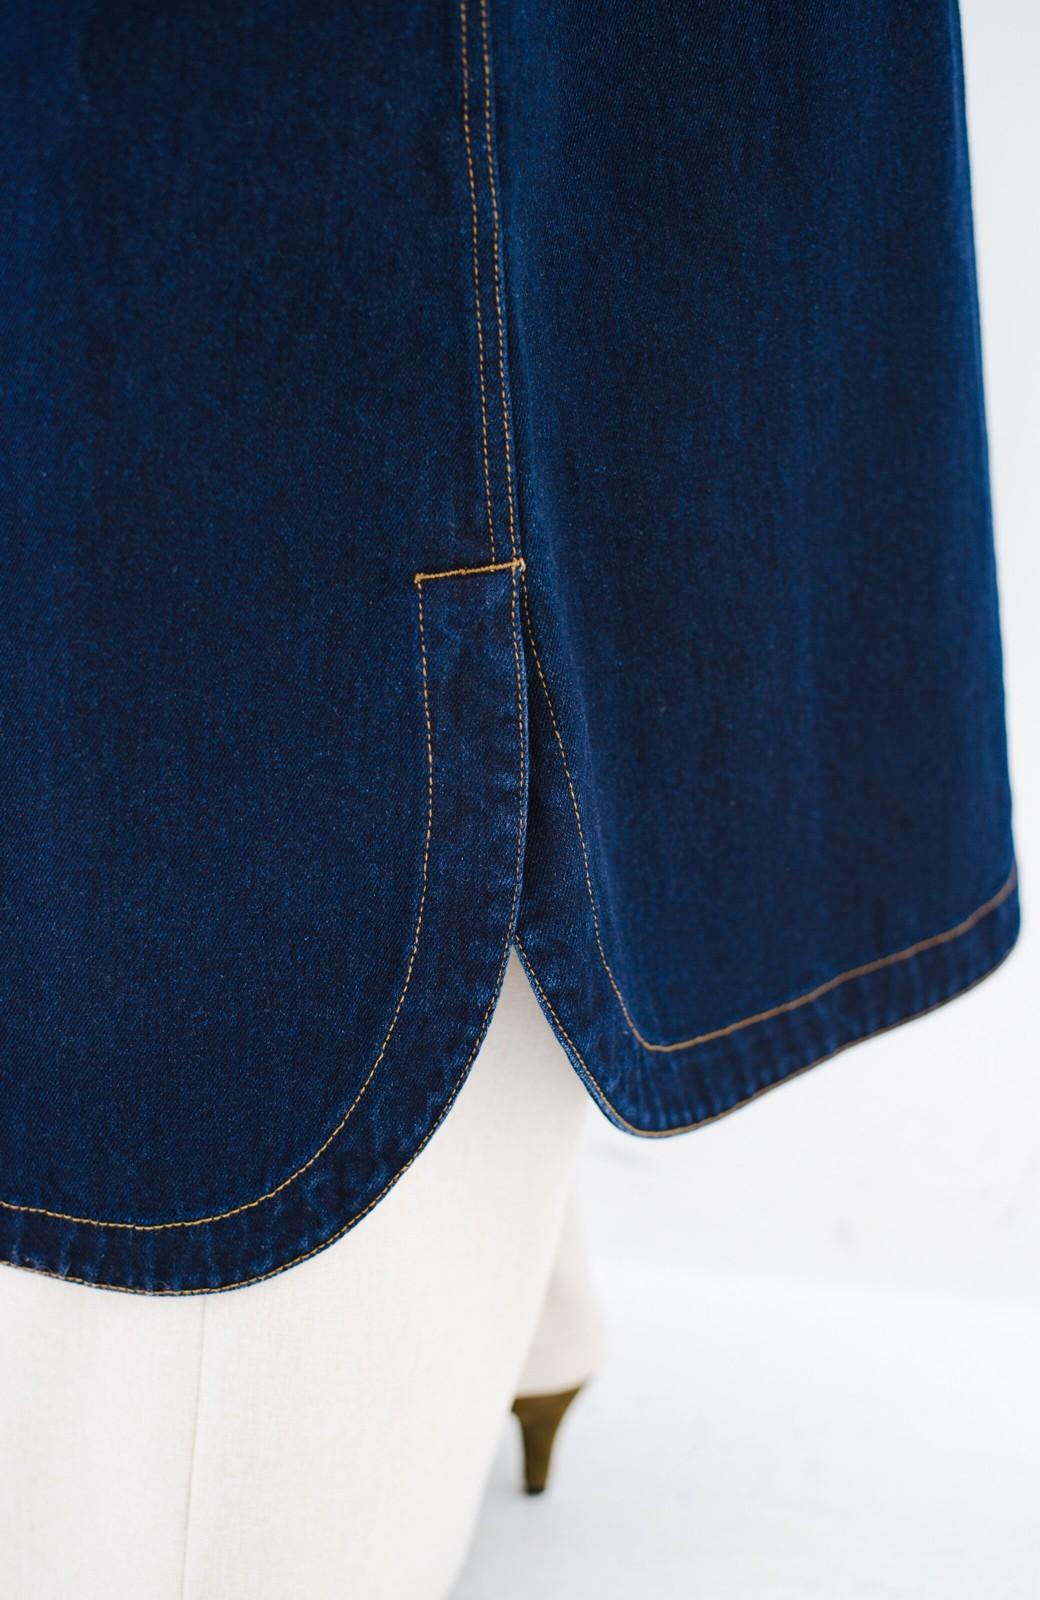 haco! ワンピースとしても楽しめるきれいめロングデニムジャケット <インディゴブルー>の商品写真5